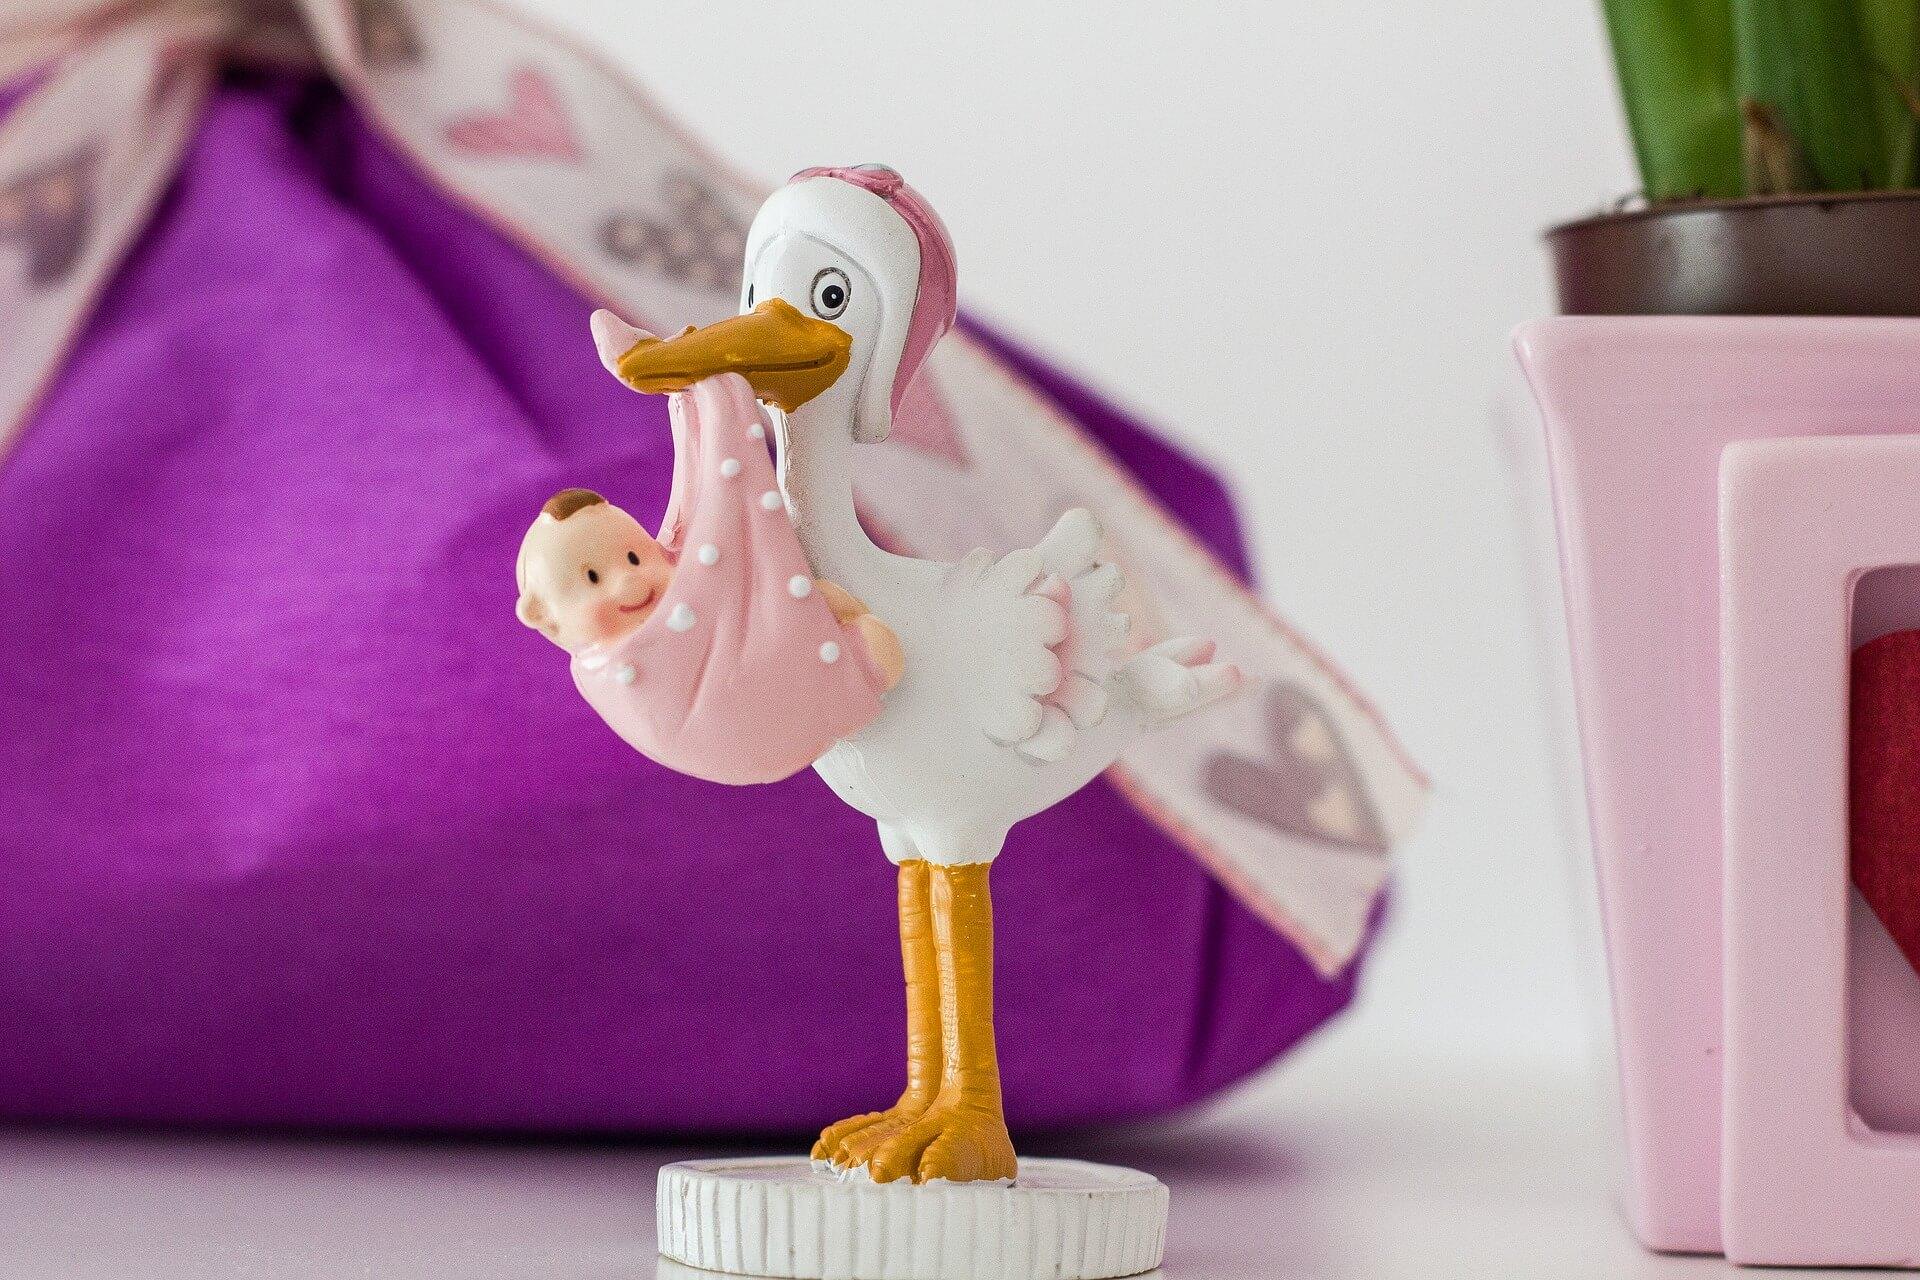 Décoration d'une fête de naissance : cigogne avec bébé